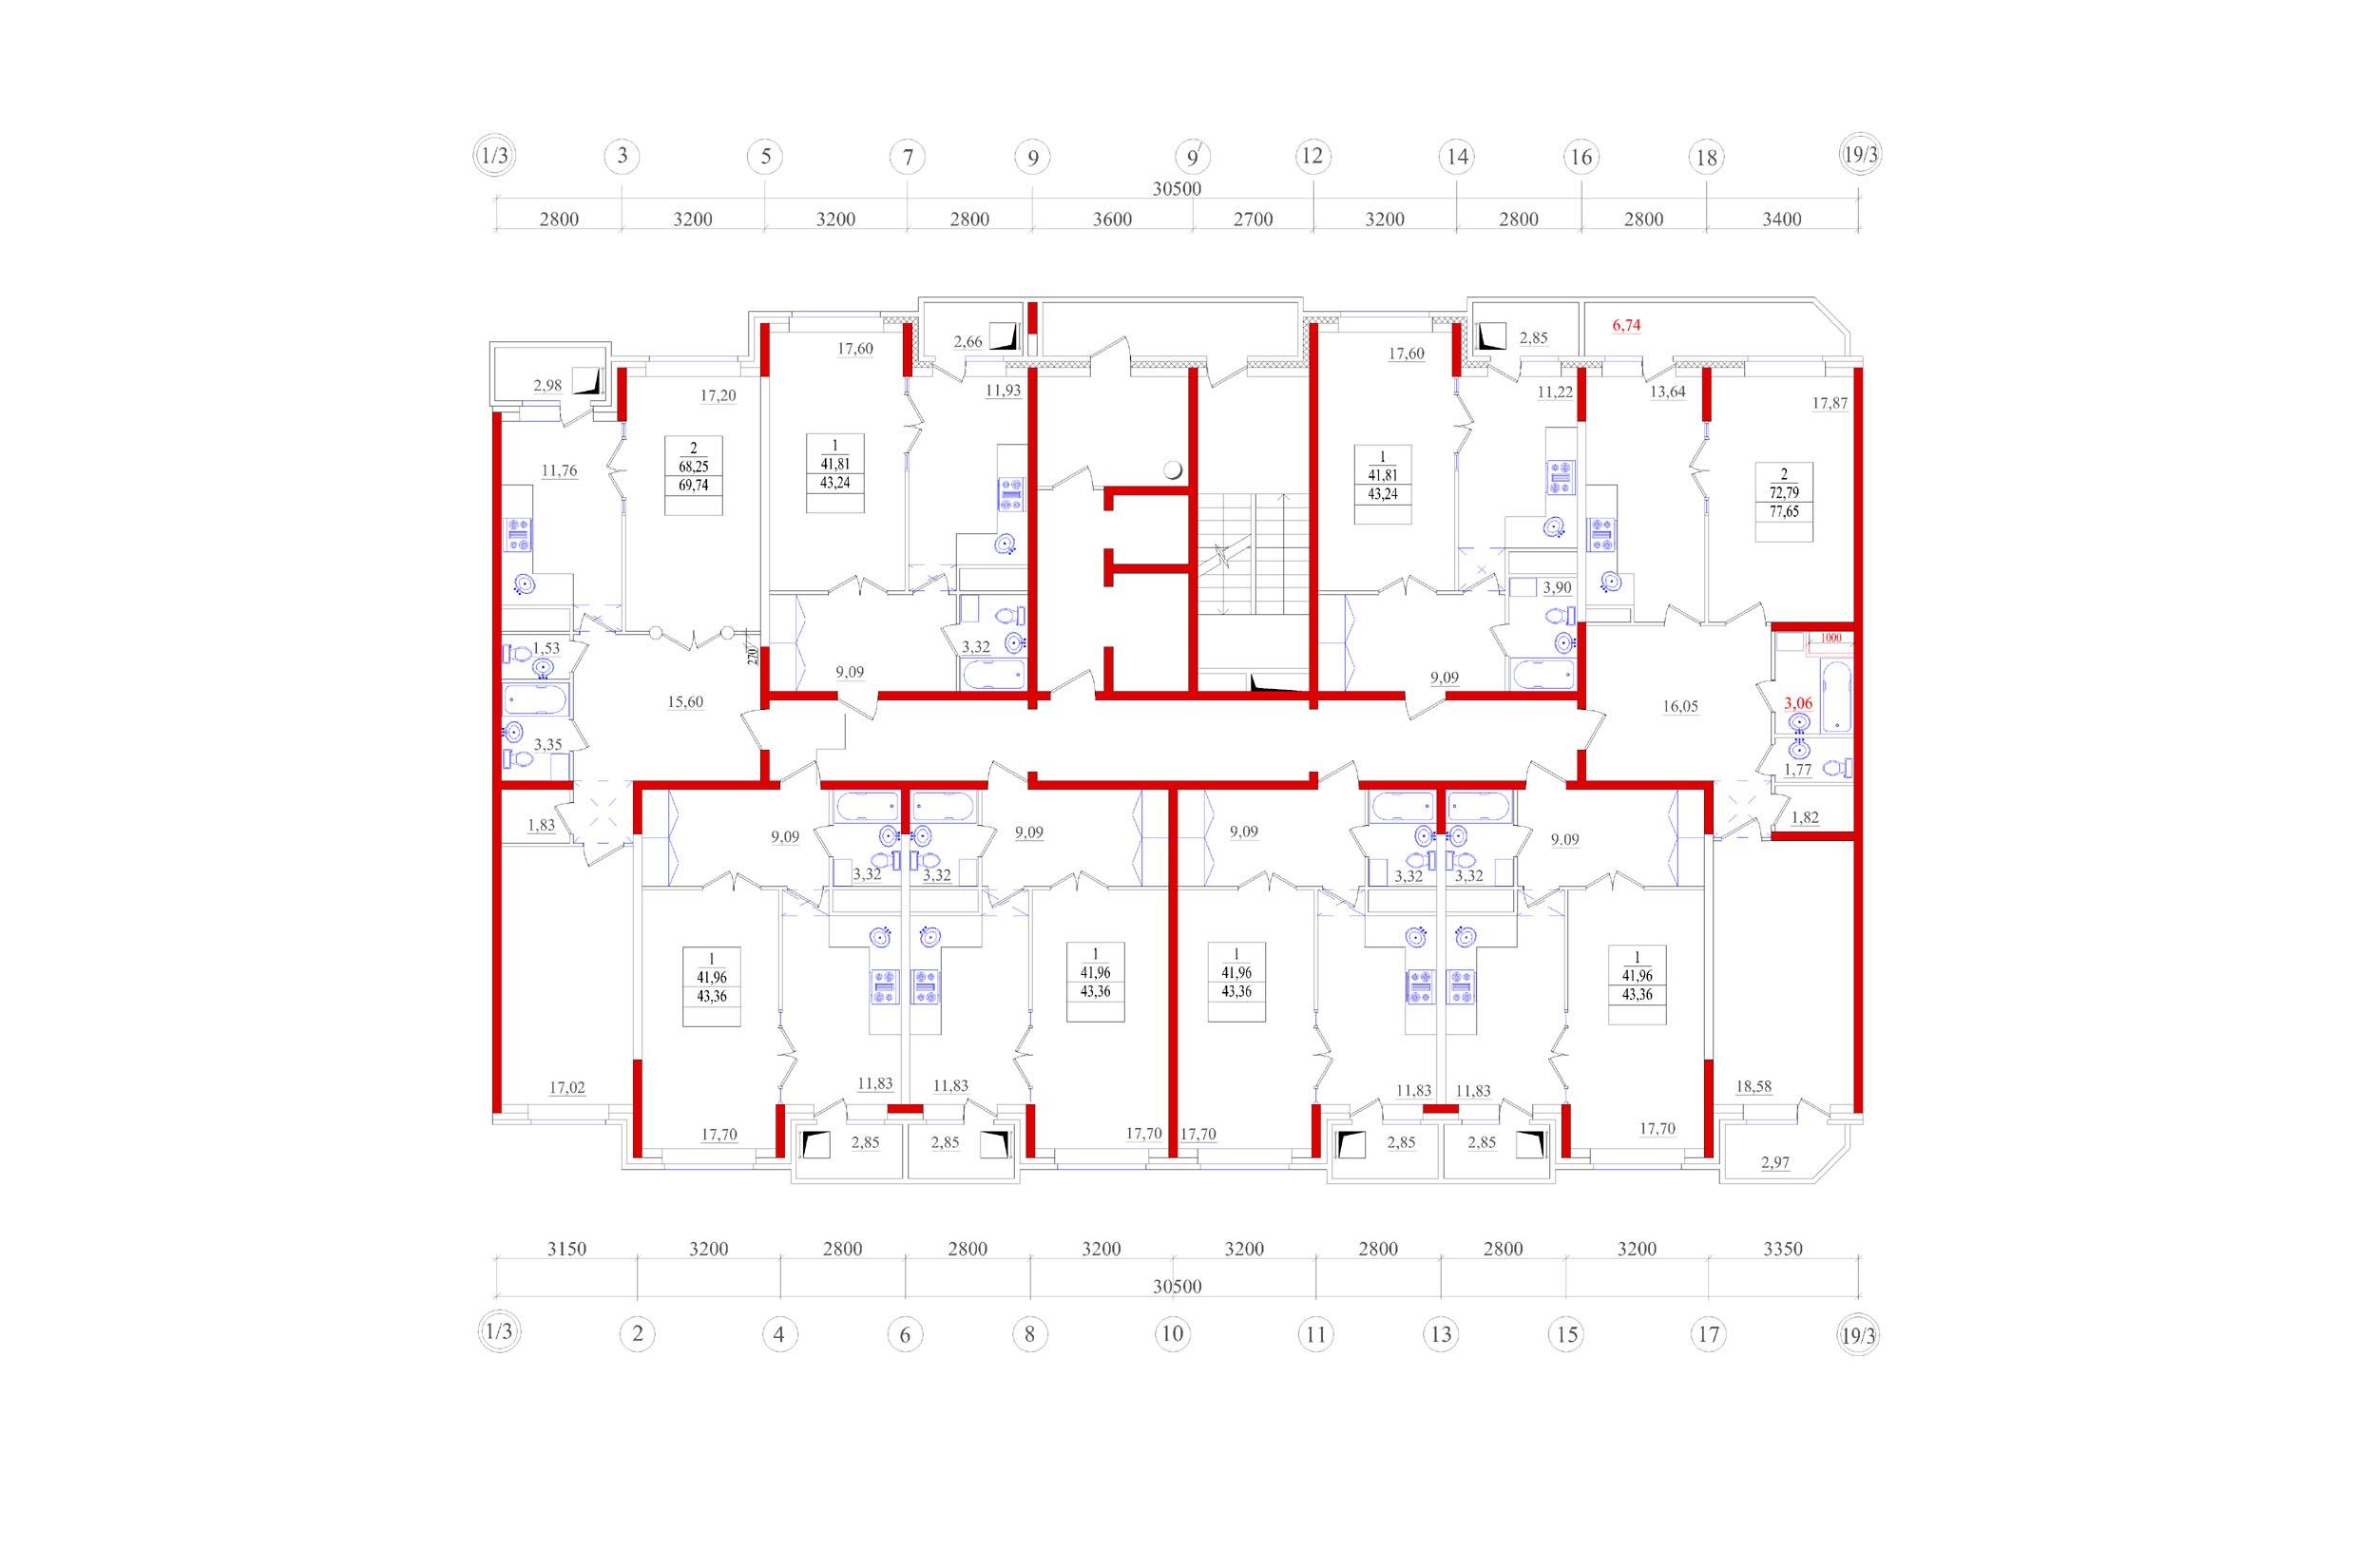 Схема проводки в квартире советской панельной пятиэтажки